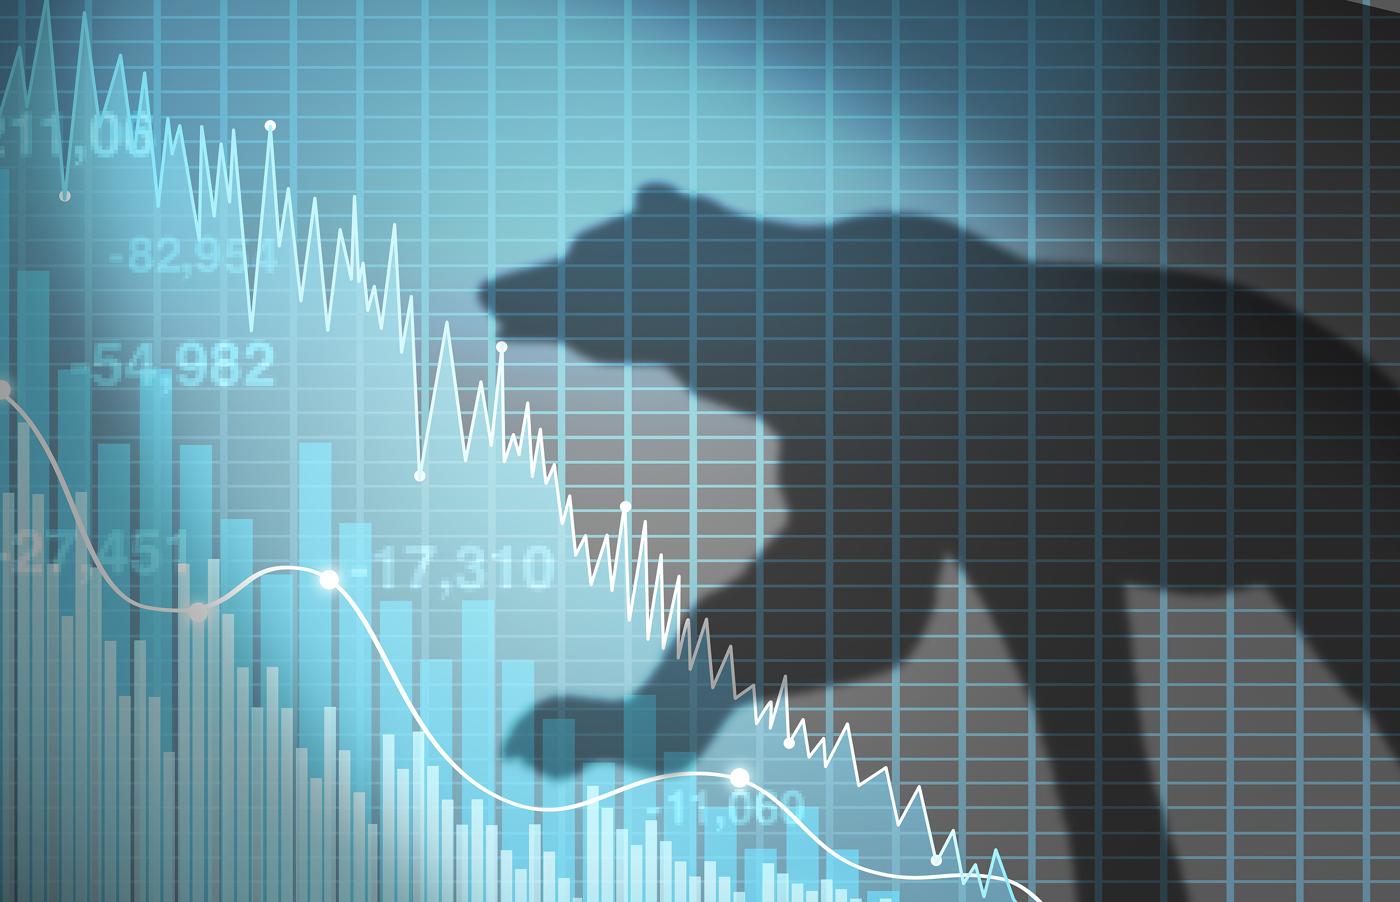 Bearish outlook, bear button, sell off, bearish market